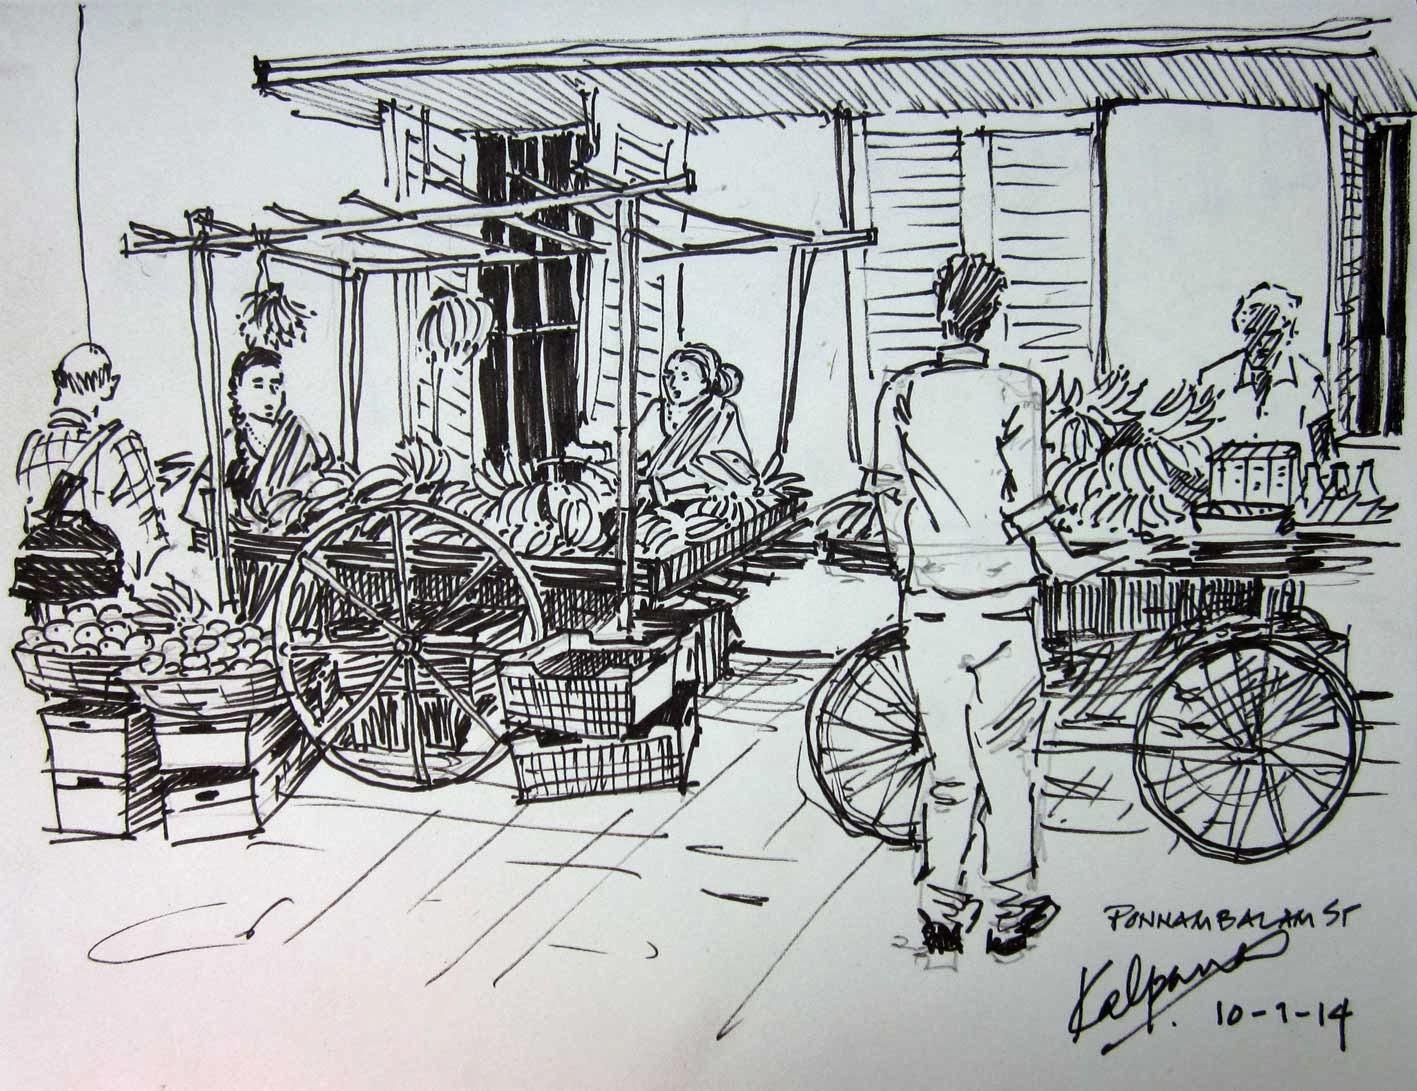 Illustration Credit - Kalpana Balaji (http://kalpanabalaji.blogspot.in)